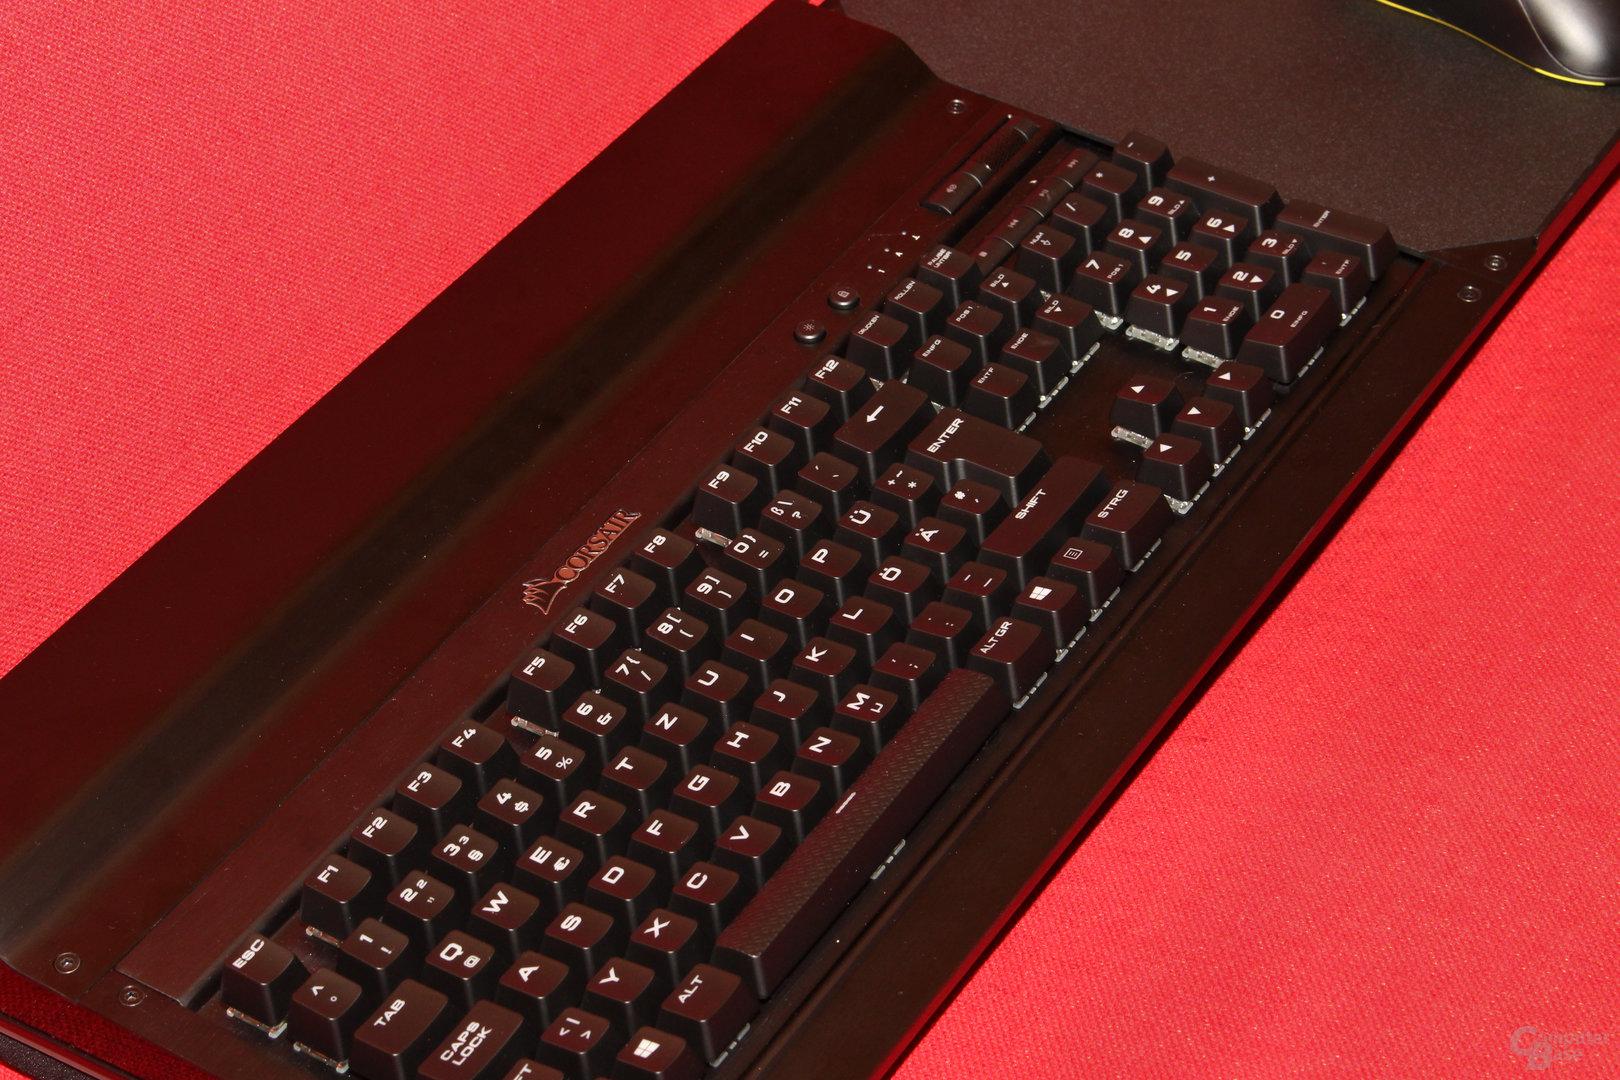 Die Tastatur sitzt absolut fest und bewegt sich kein Stück